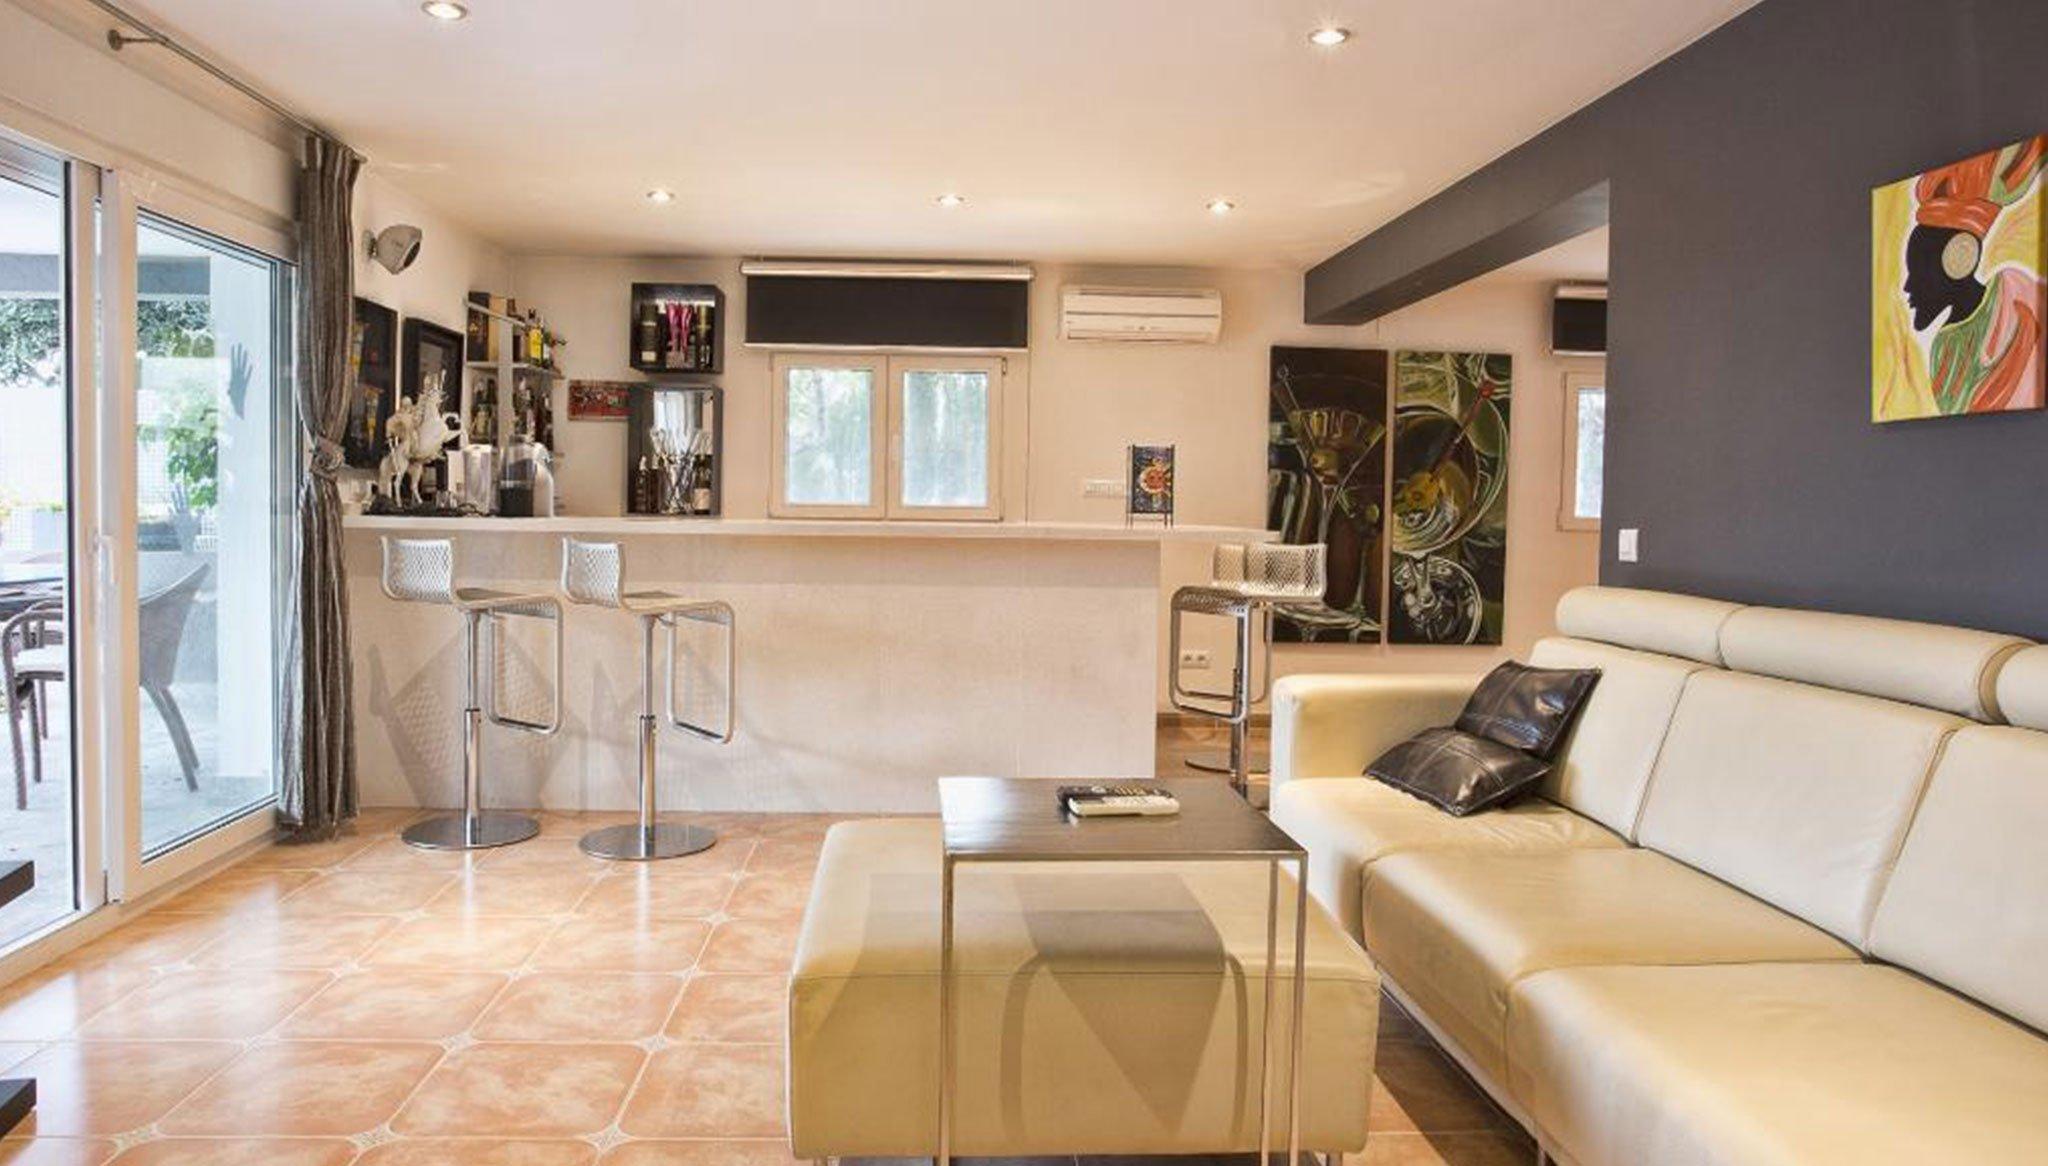 Бар, чтобы жить вместе в доме отдыха - Quality Rent a Villa